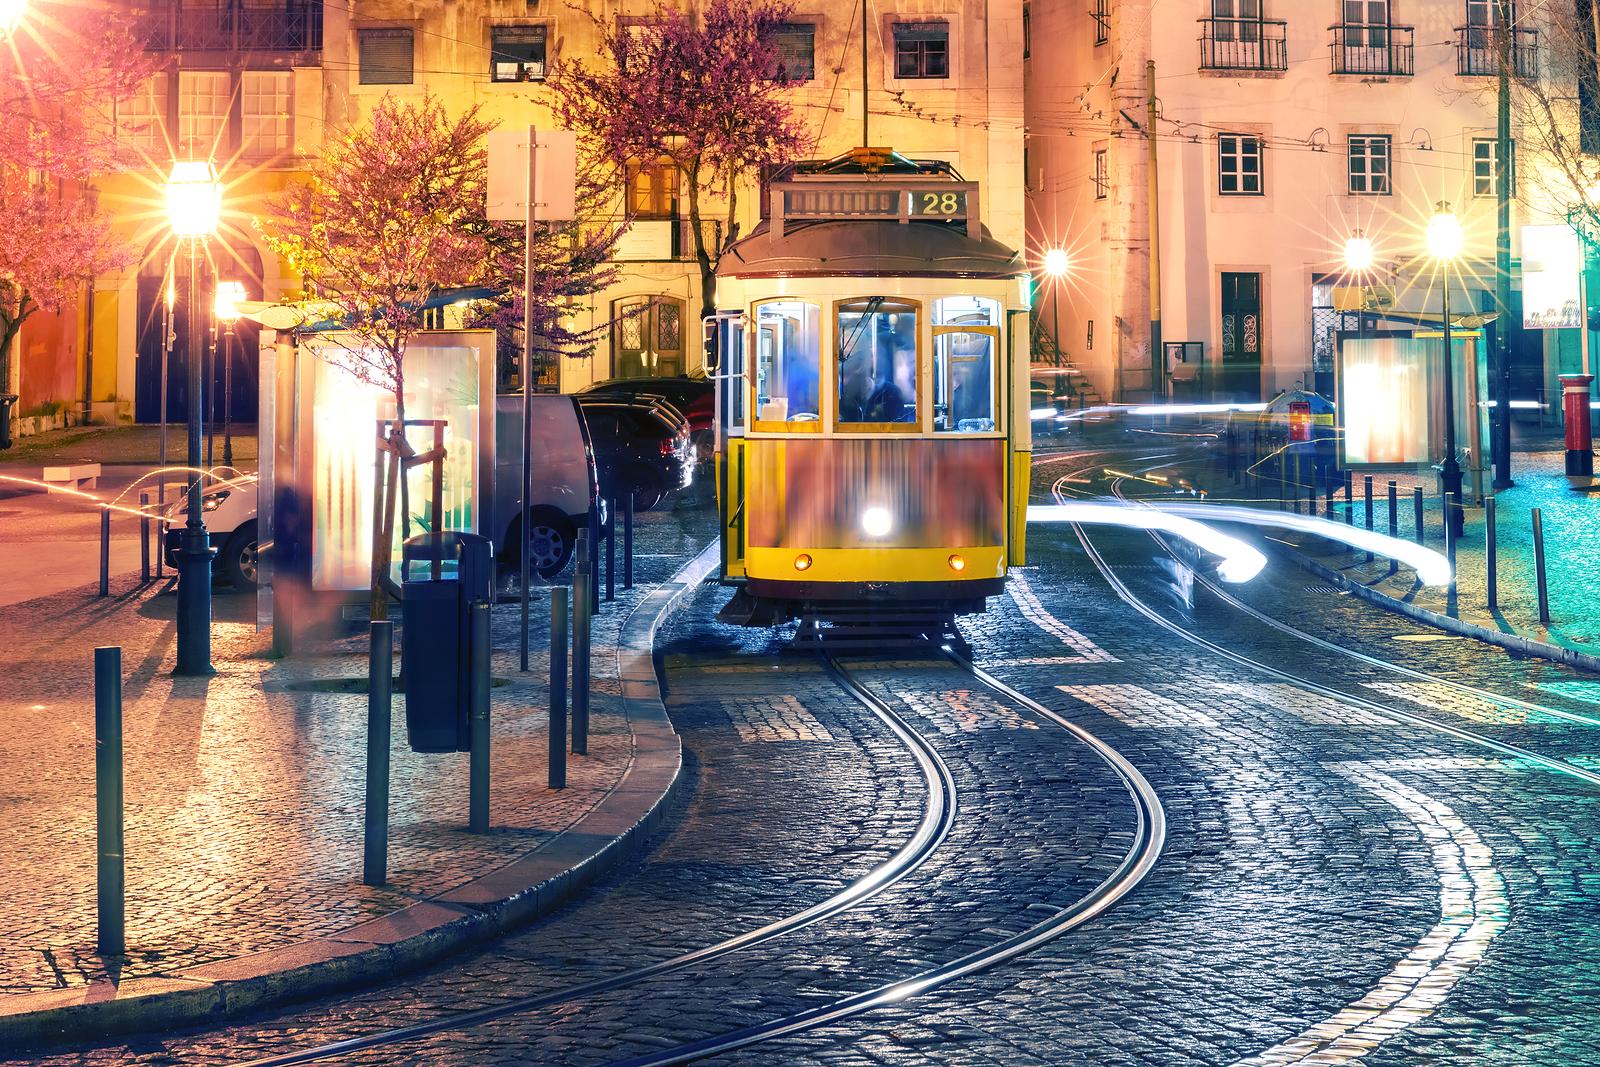 Hyr bil i Lissabon